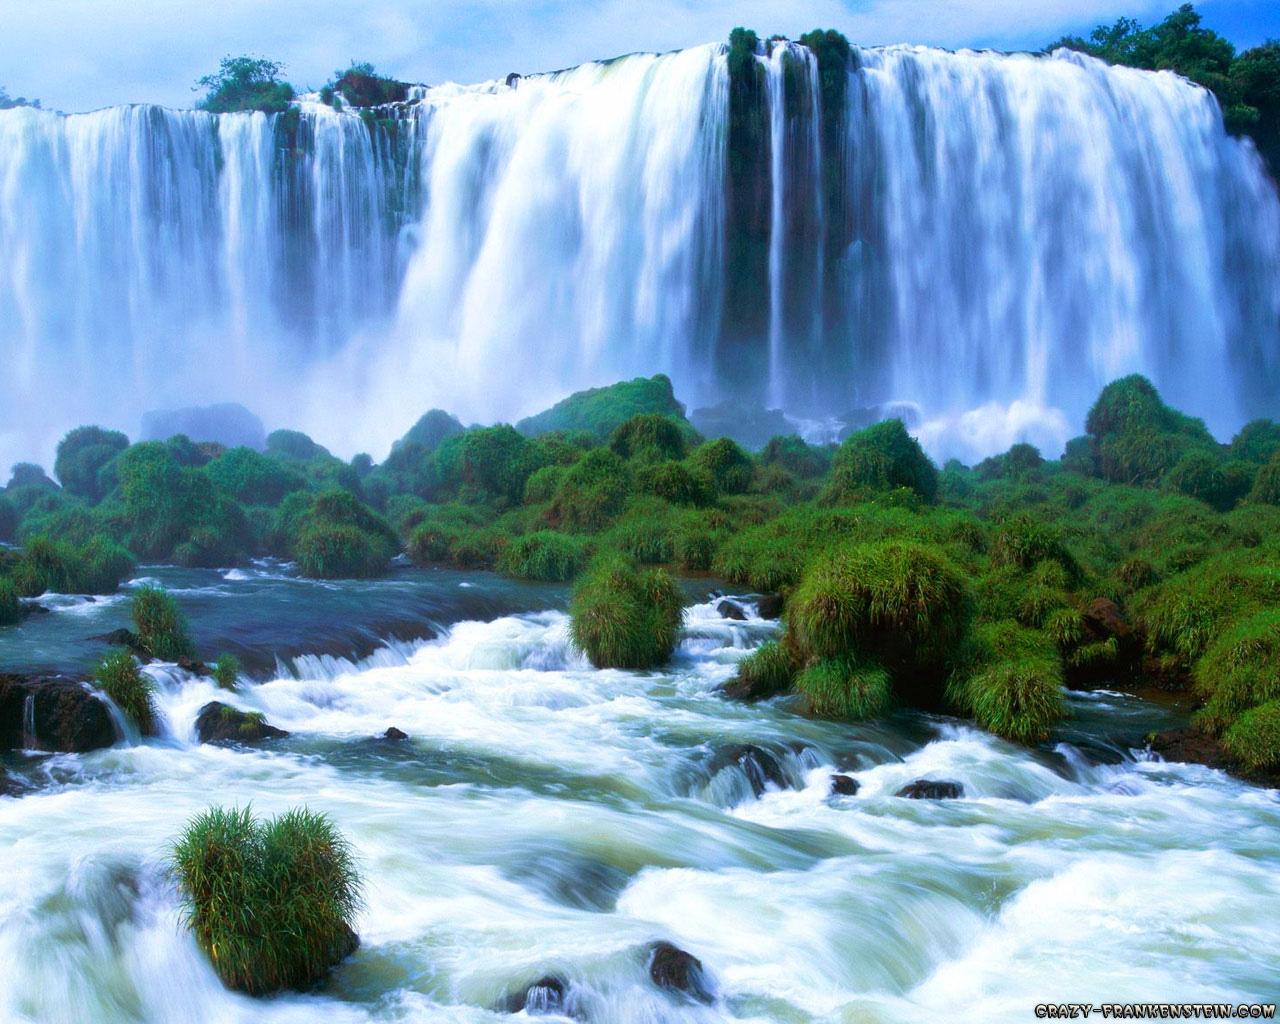 http://2.bp.blogspot.com/-2JYVIeisIvU/TnO_1M6o1_I/AAAAAAAAFL0/6dij-QebKkU/s1600/nature%2Bwallpaper%2B1280-1.jpg